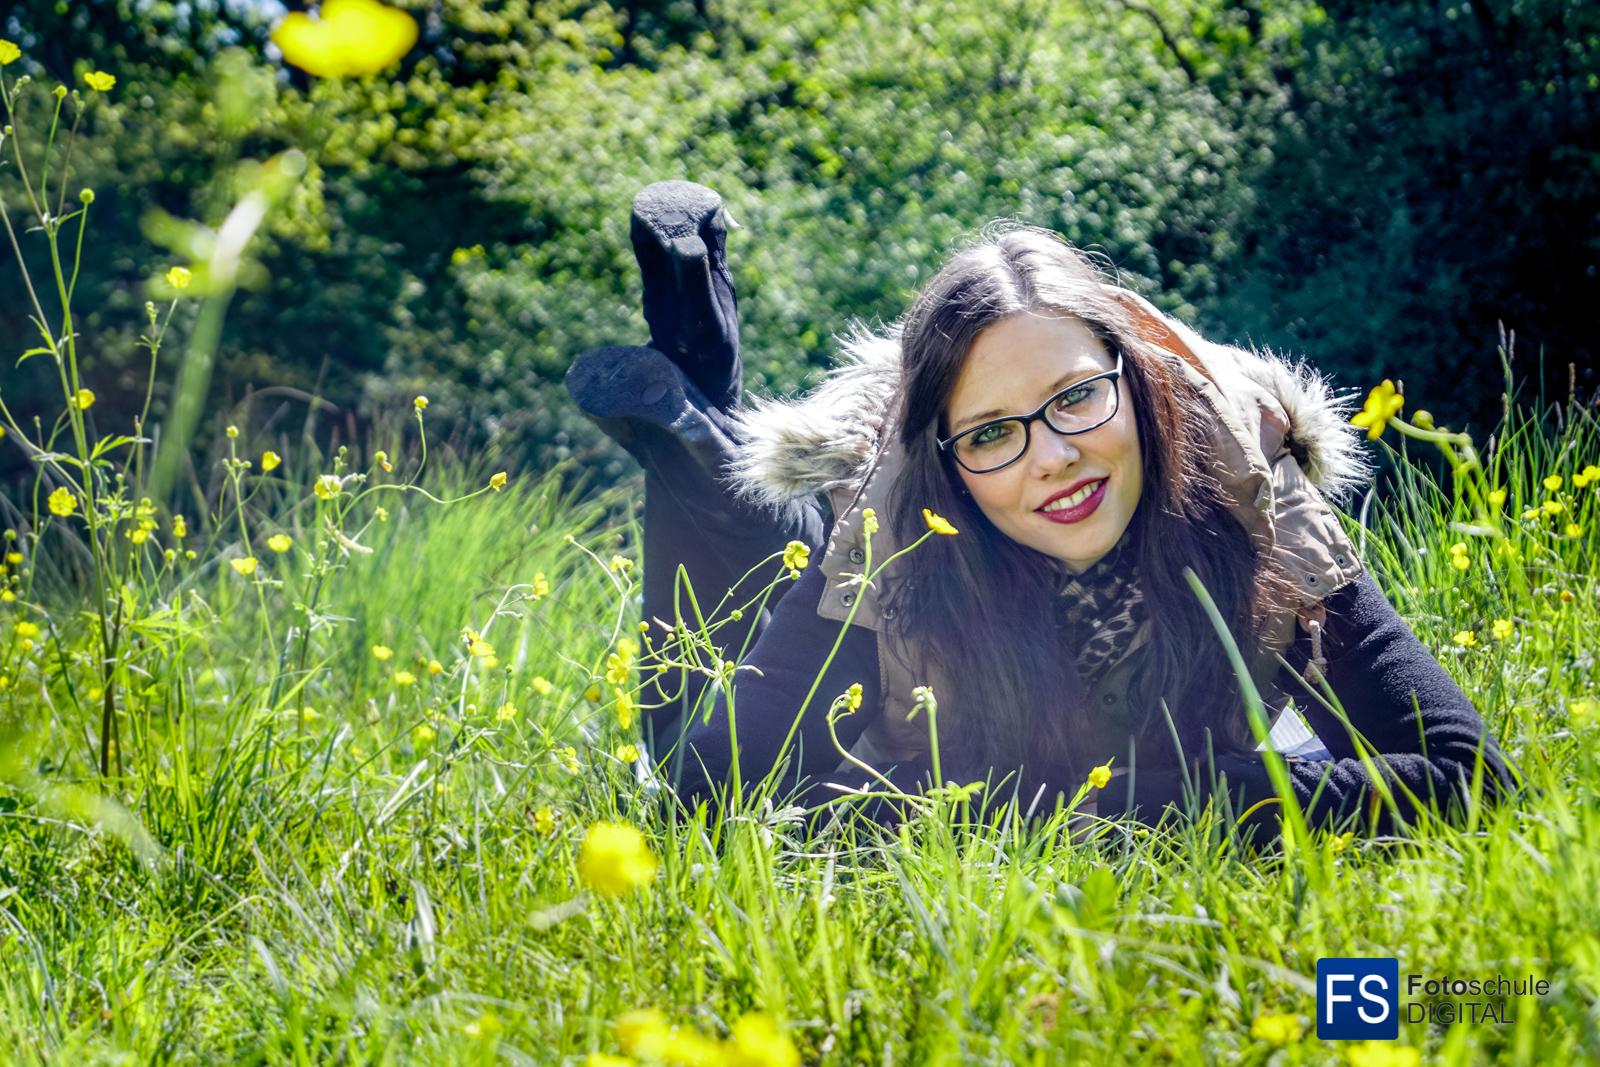 09236WS-Konzett Christina Fotoprofi DIGITAL 2017